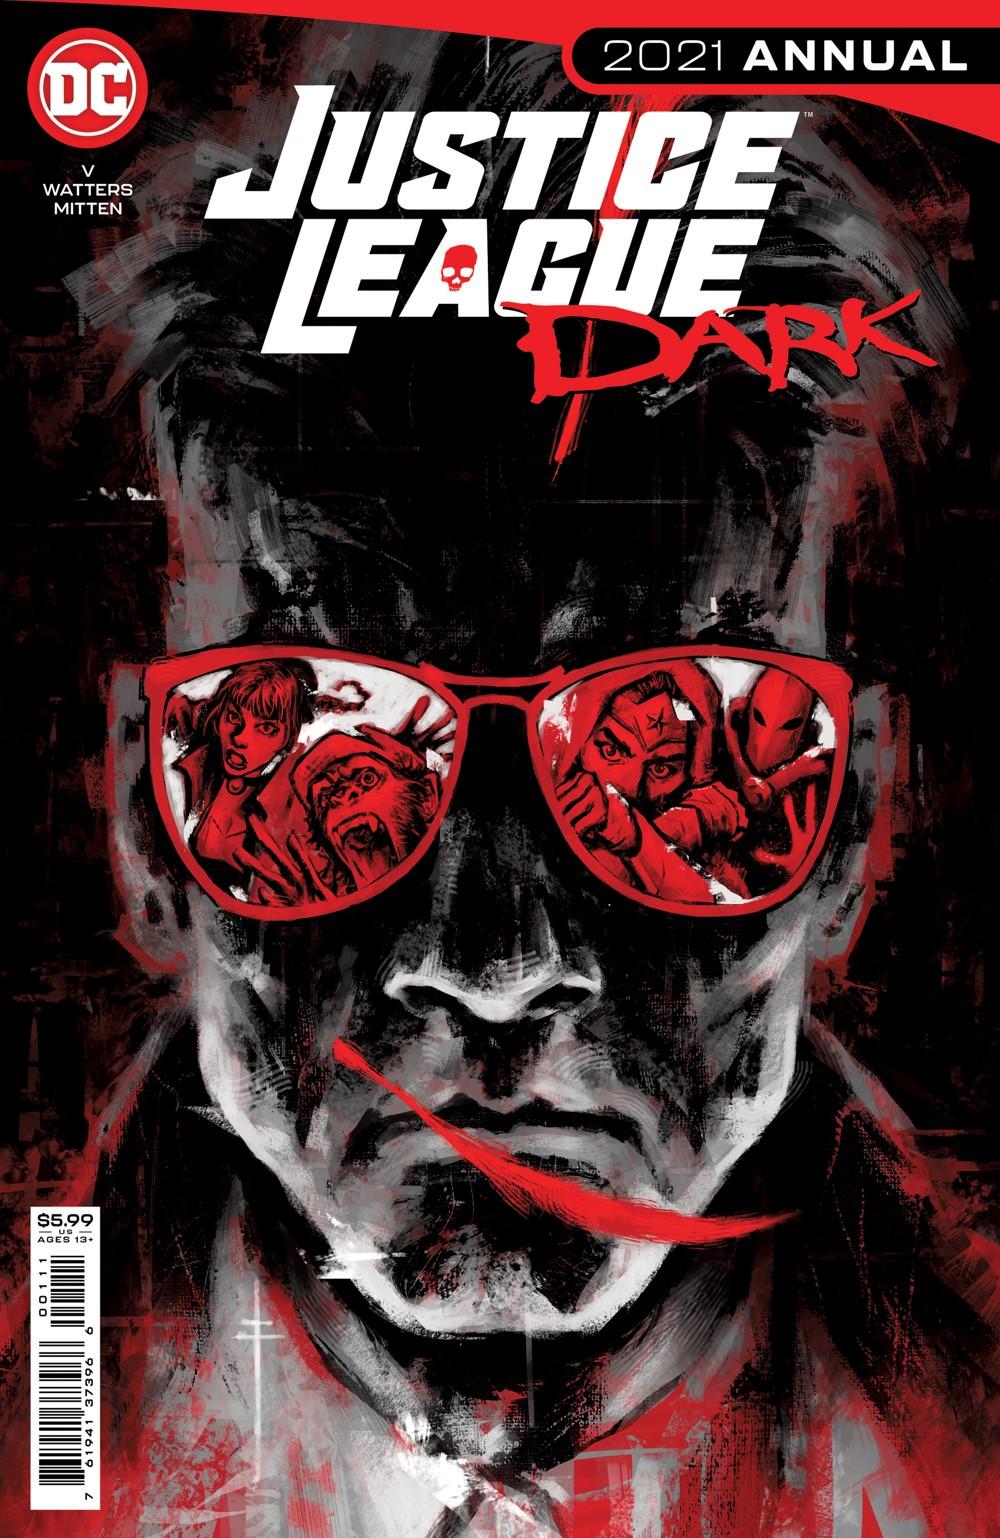 JL_Dark_Annual_2021_Cv1 DC Comics November 2021 Solicitations